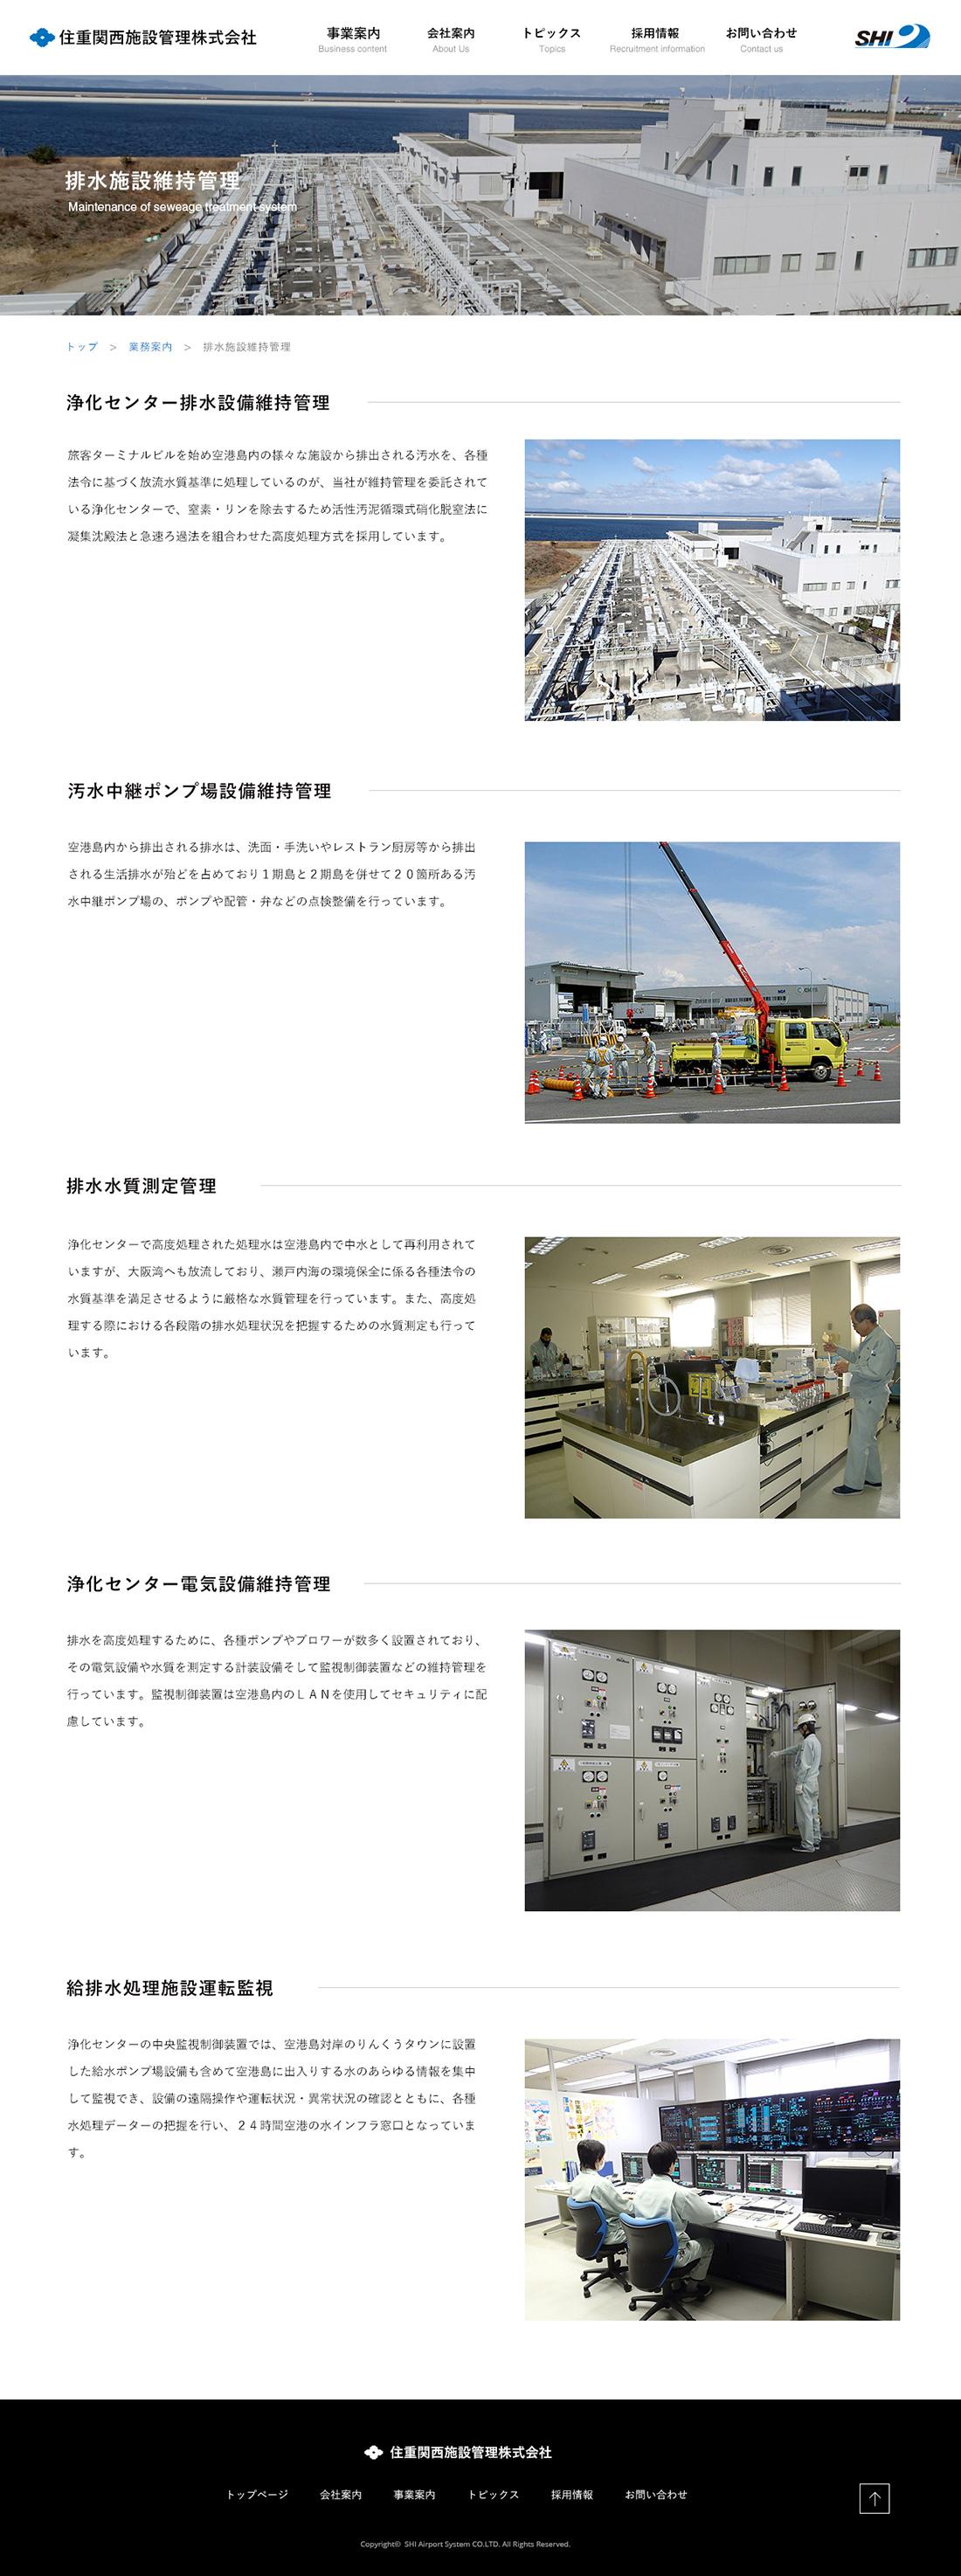 制作事例紹介03